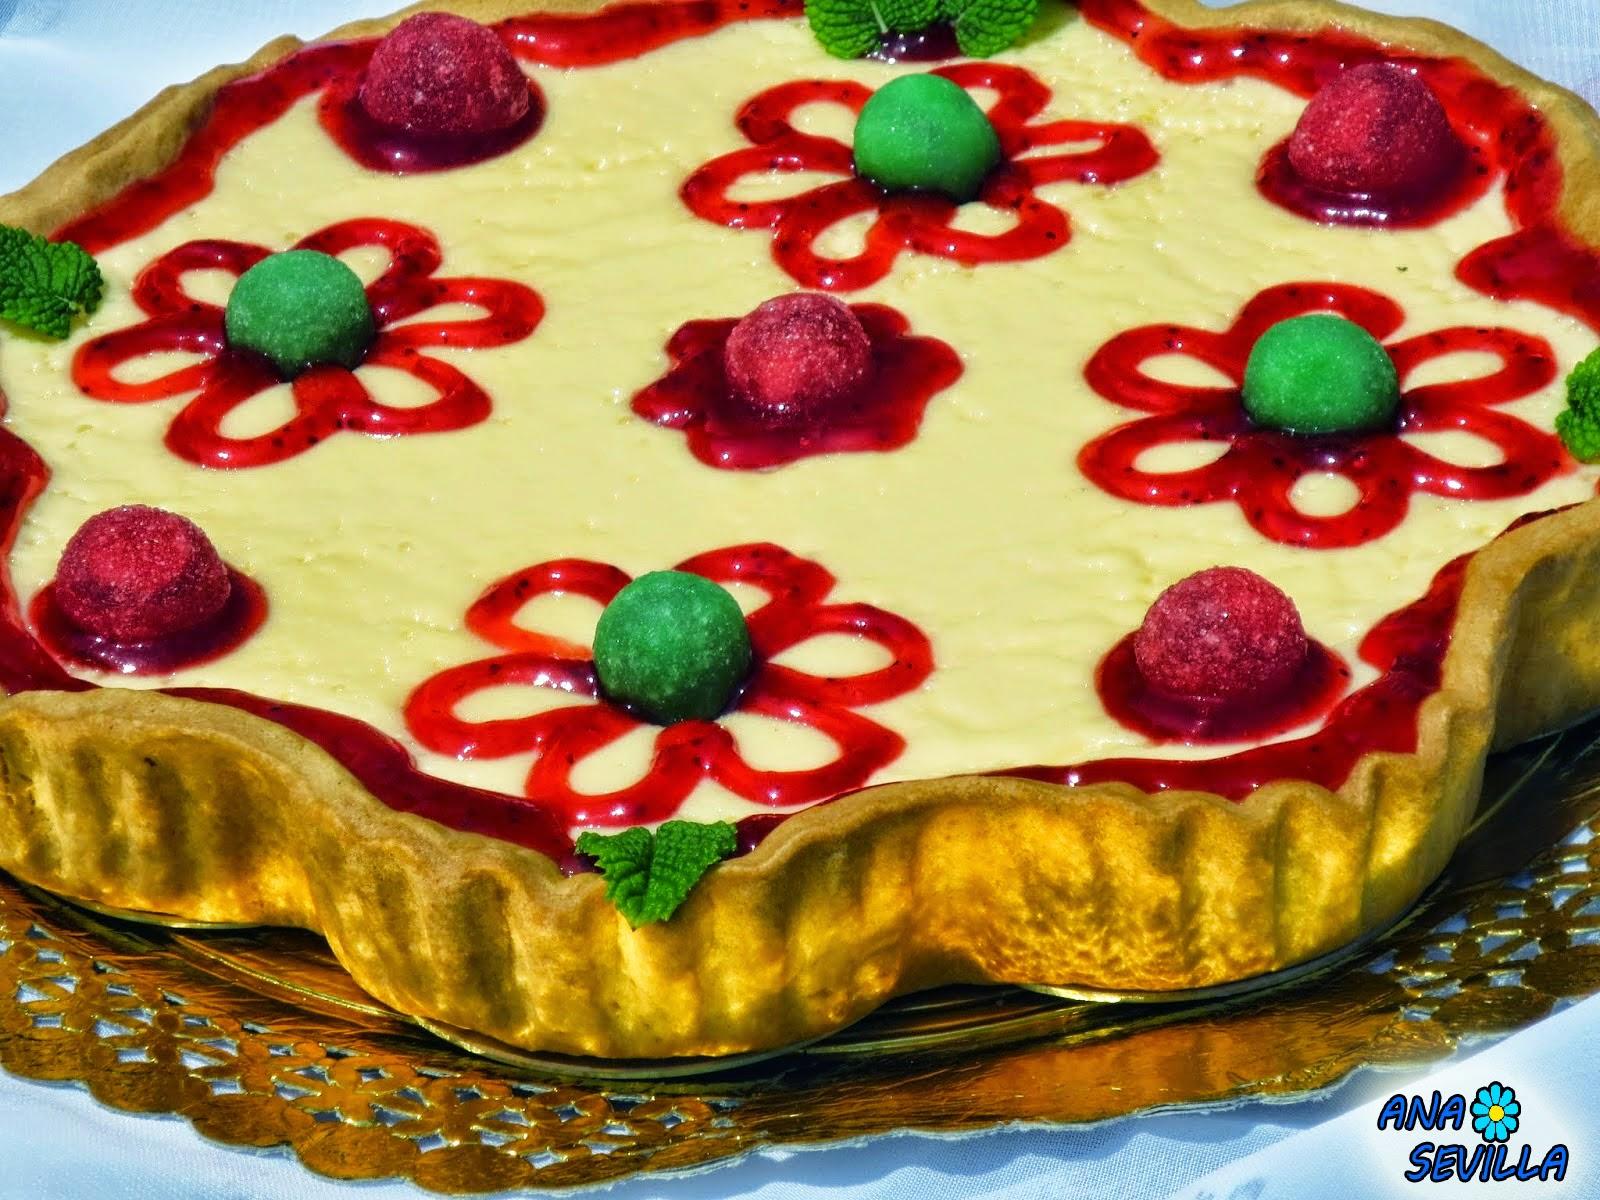 Tarta de leche condensada Ana Sevilla cocina tradicional